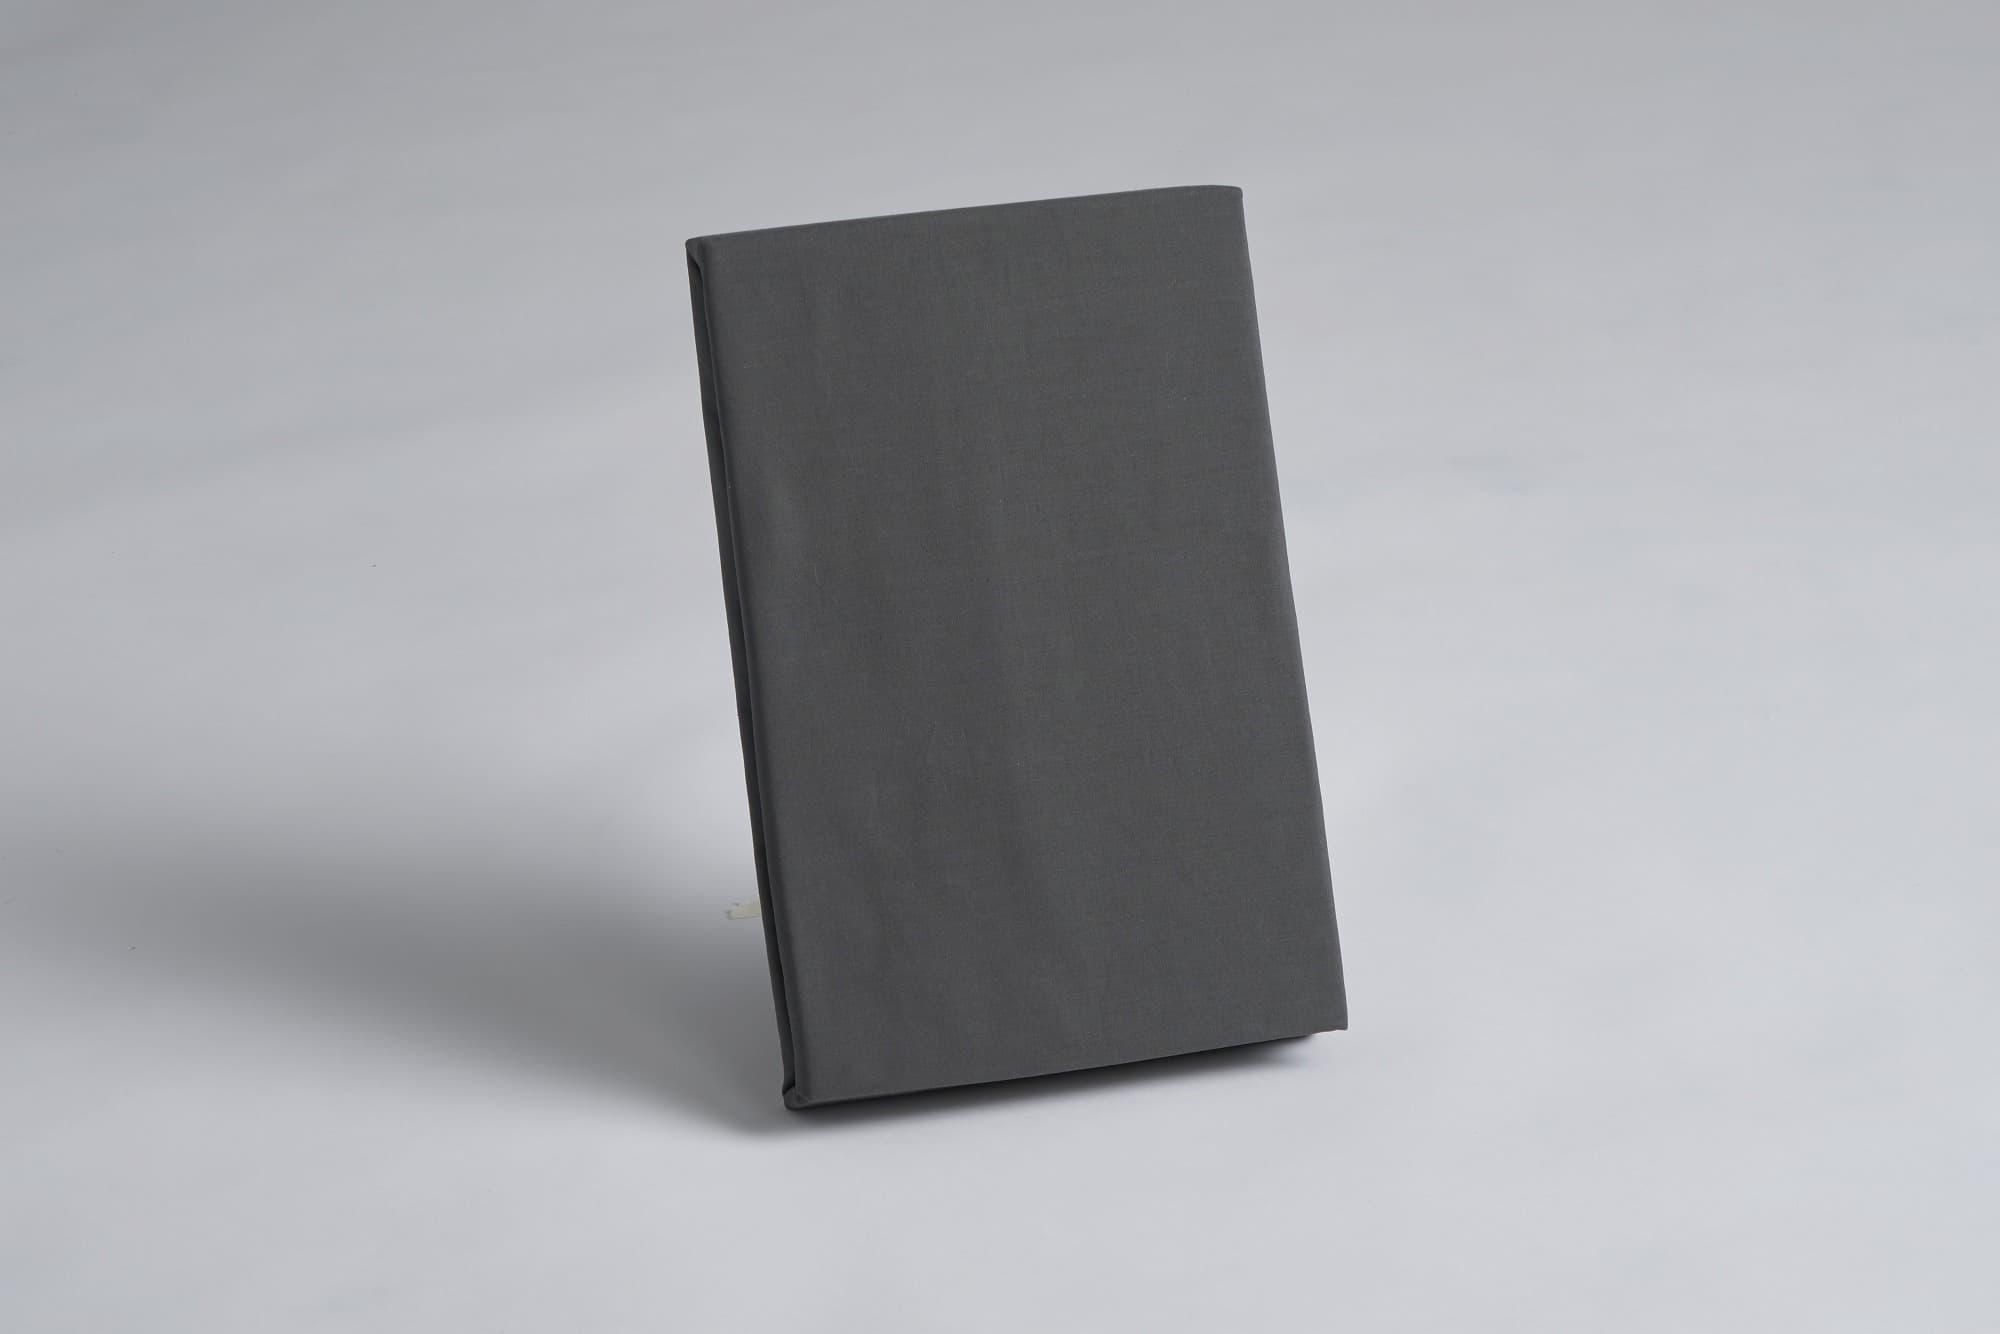 ボックスシーツ クイーン2用 30H グレー:《綿100%を使用したボックスシーツ》